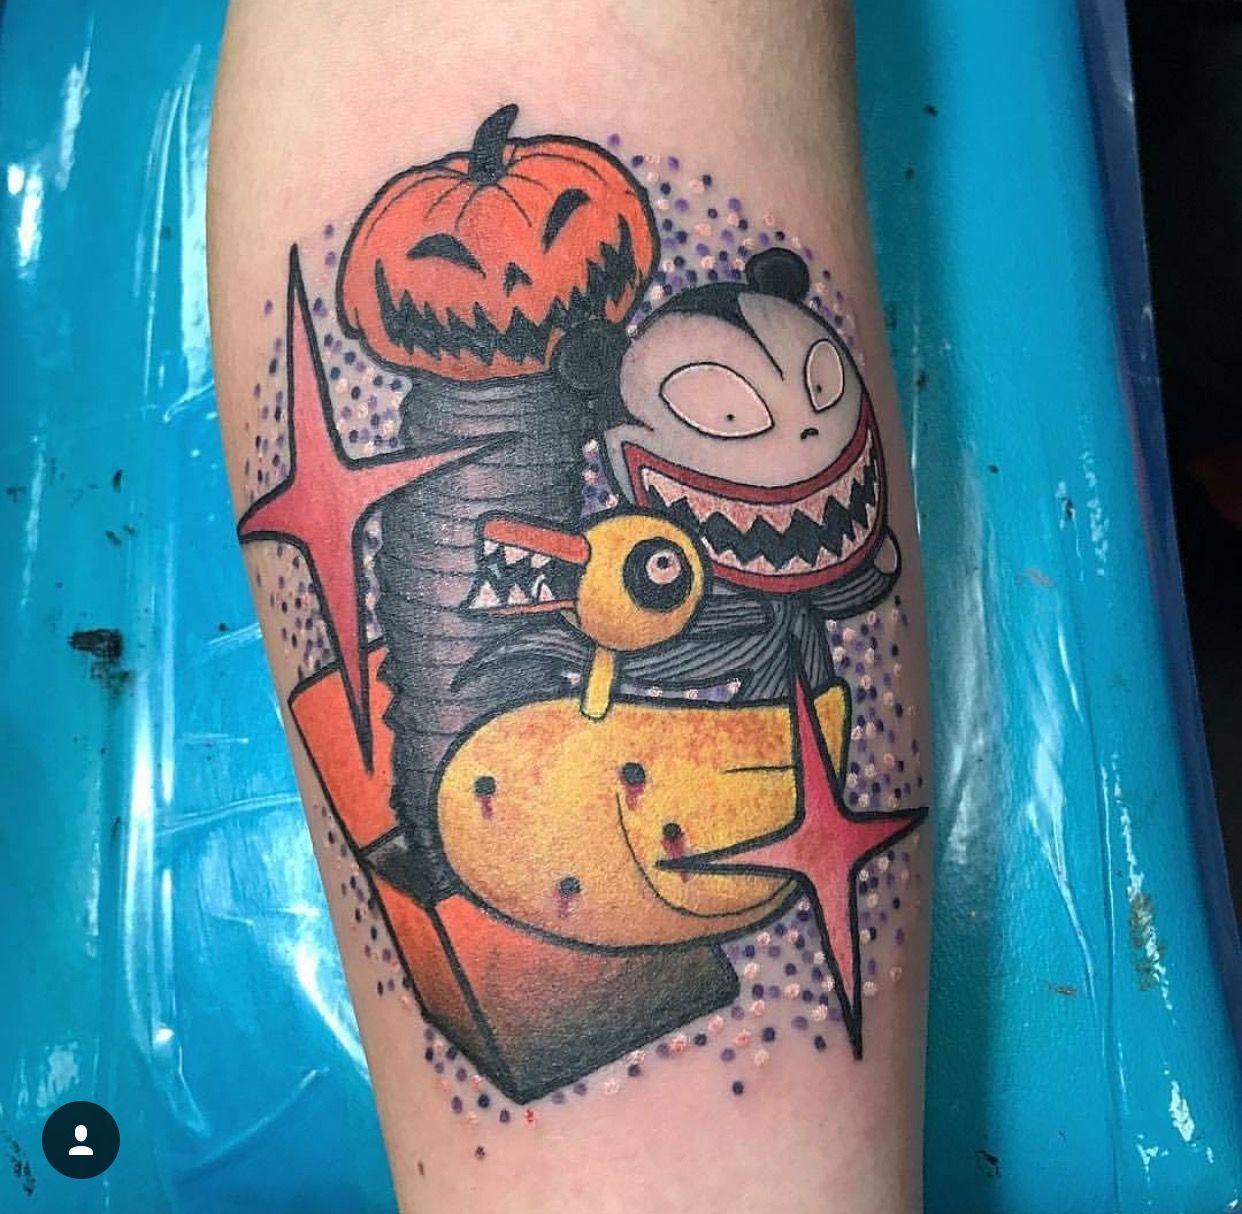 Pin by Kara Bish on Disney tattoos | Pinterest | Tattoo